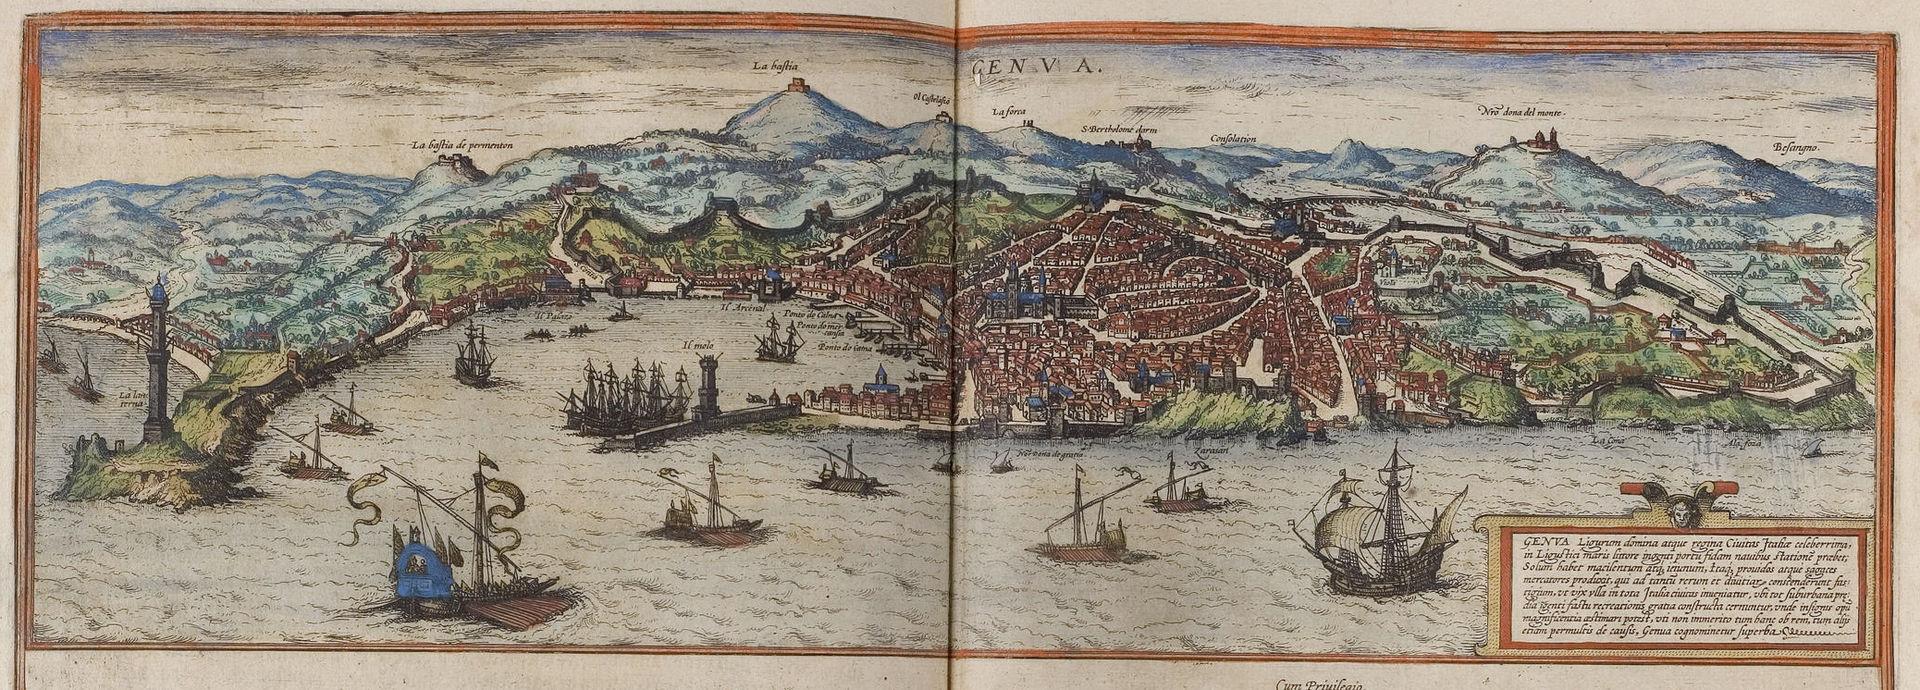 เจนัว -ภาพเมืองเจนัวในอดีต